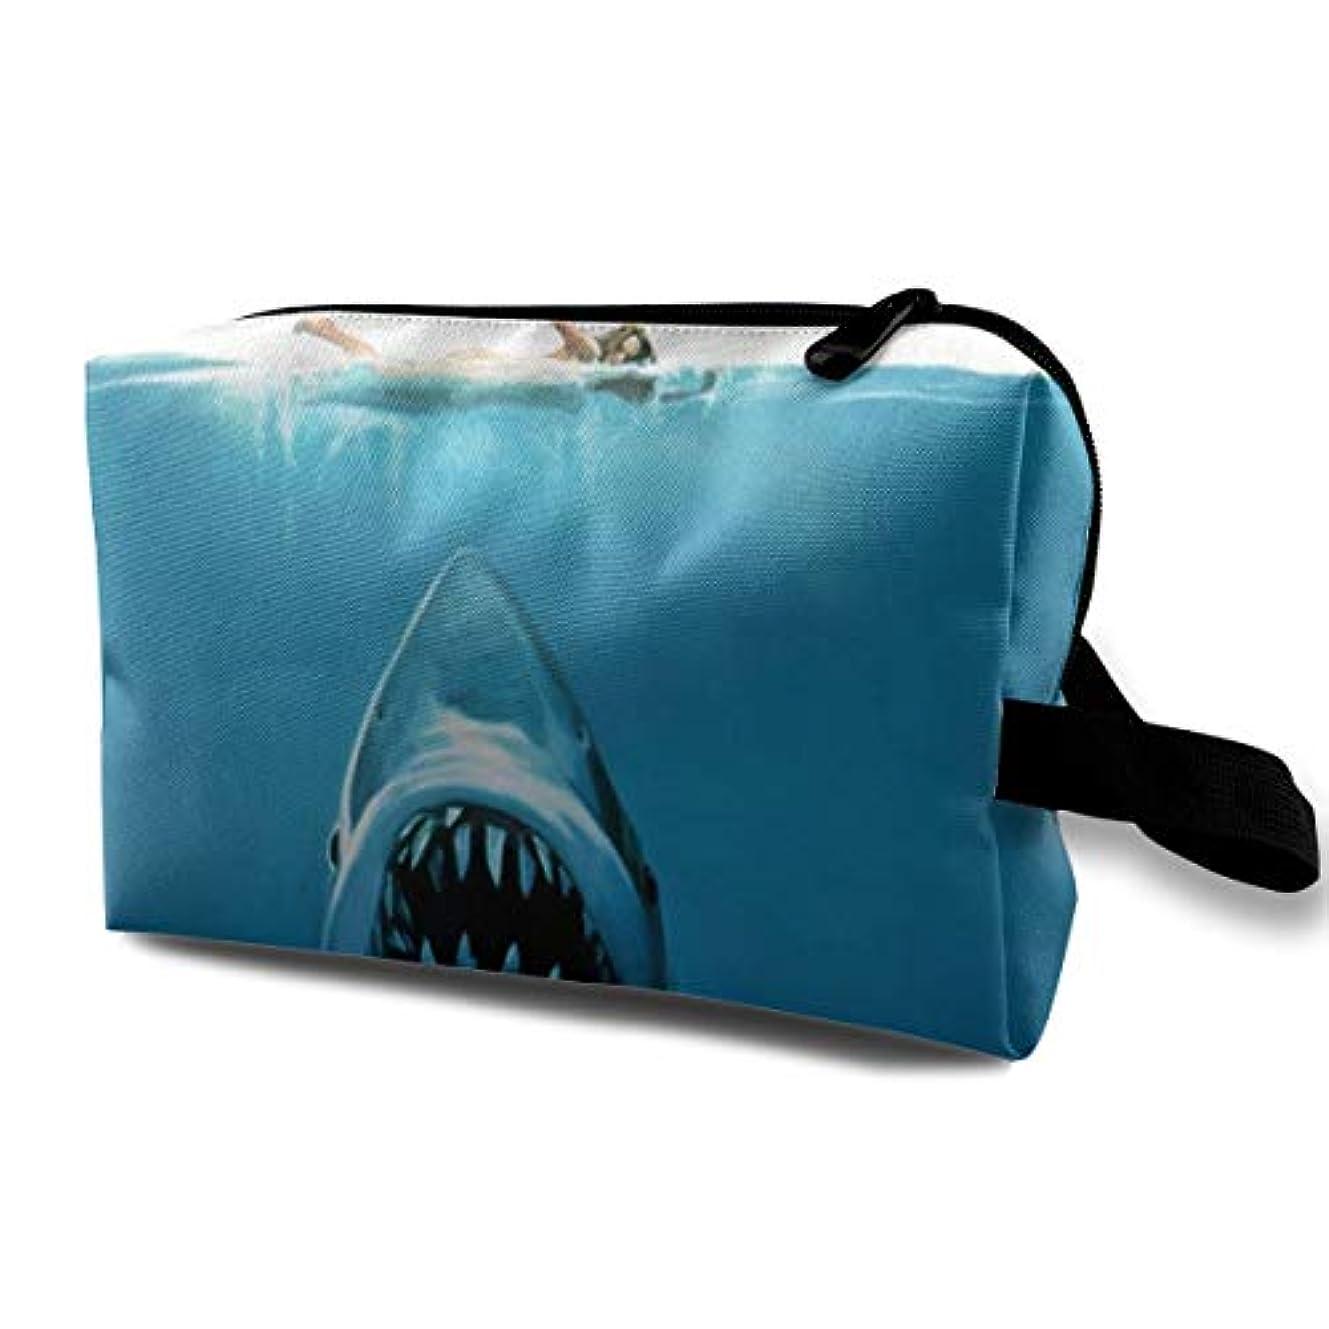 ディーラーロッカーオピエートHidden Risk Jaw White Shark 収納ポーチ 化粧ポーチ 大容量 軽量 耐久性 ハンドル付持ち運び便利。入れ 自宅?出張?旅行?アウトドア撮影などに対応。メンズ レディース トラベルグッズ